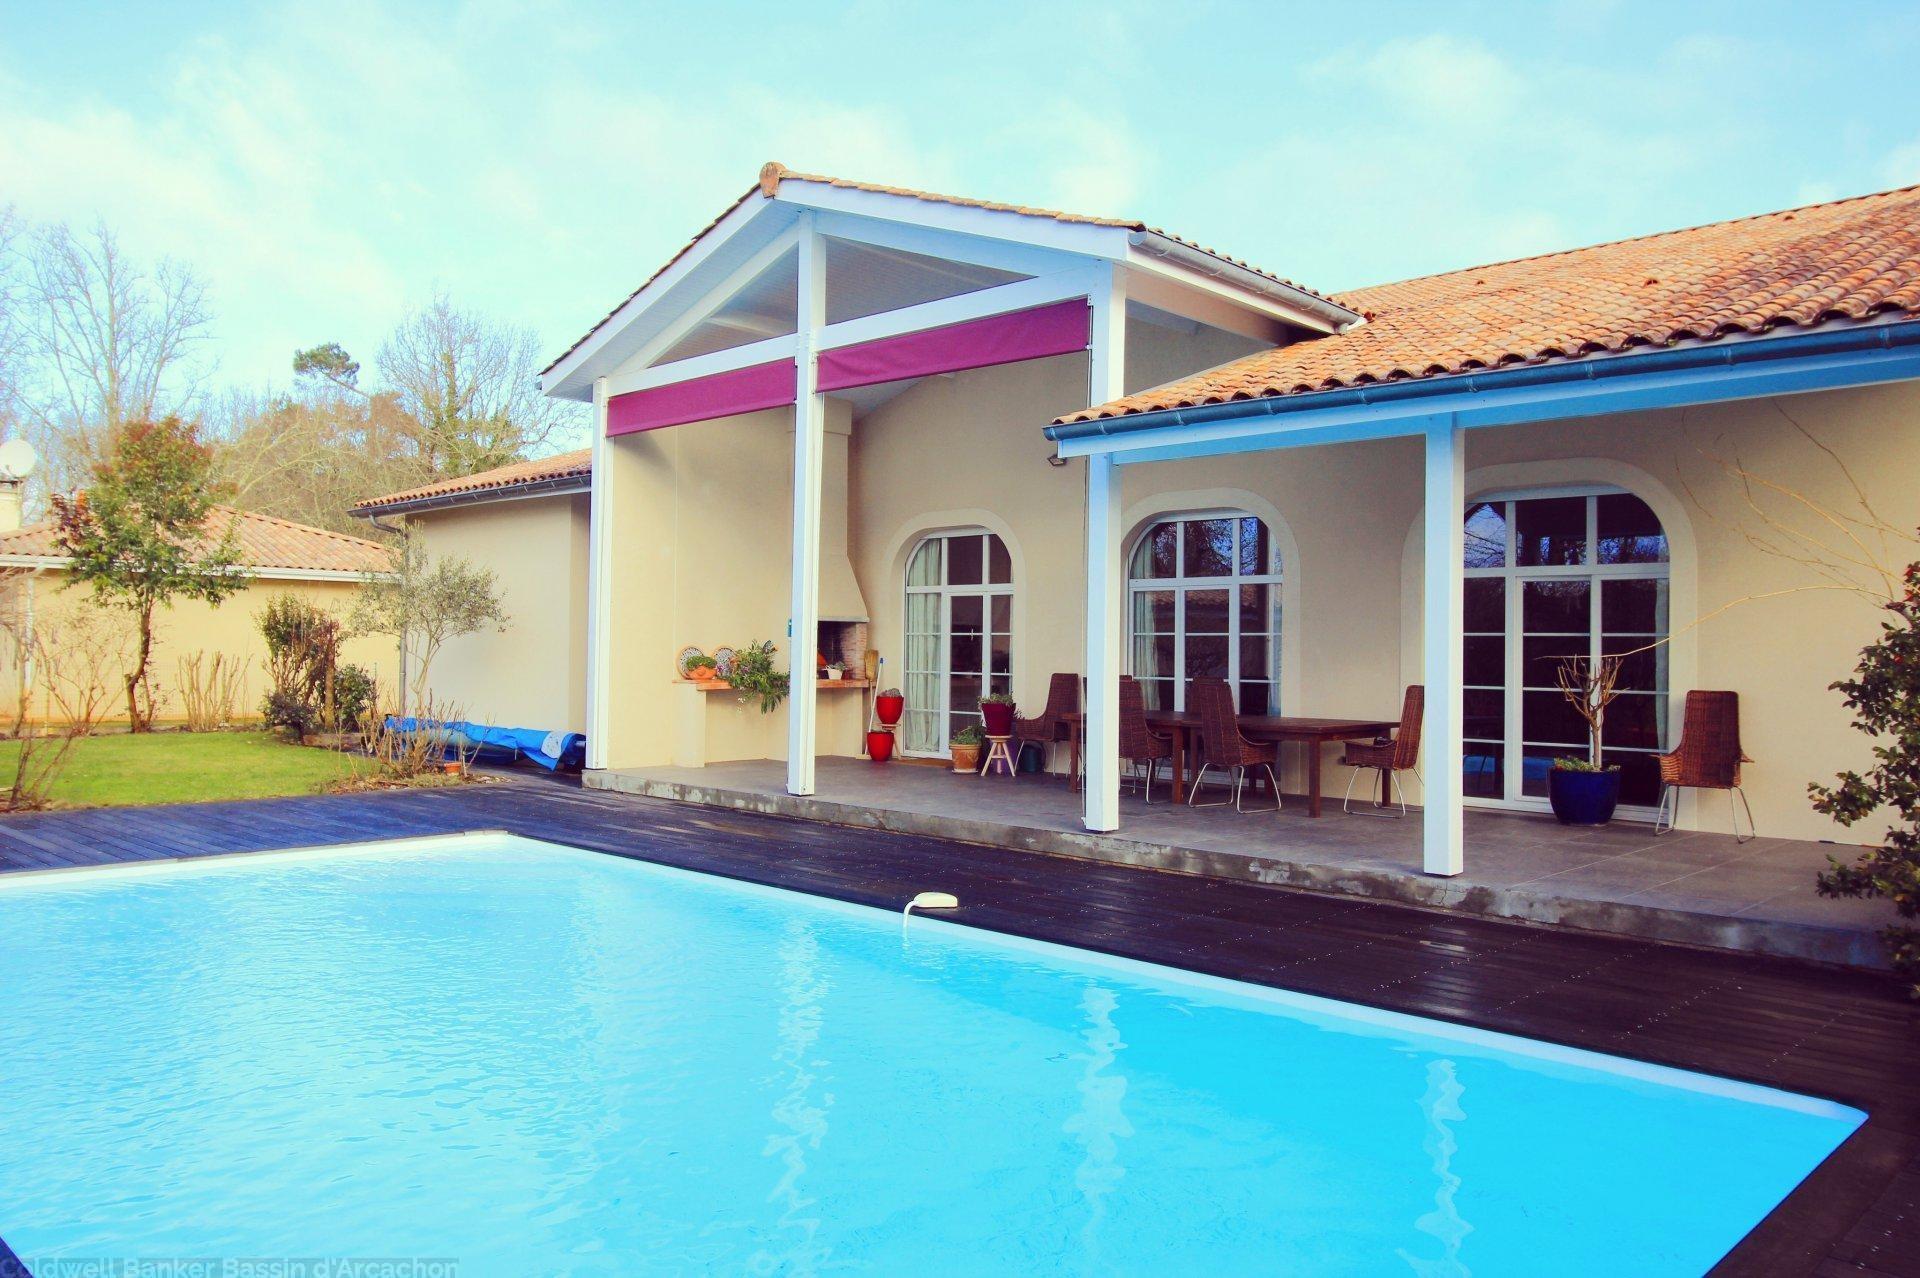 maison familiale 4 chambres avec piscine chauffée et grand terrain a vendre 20 minutes de Bordeaux saint aubin de medoc